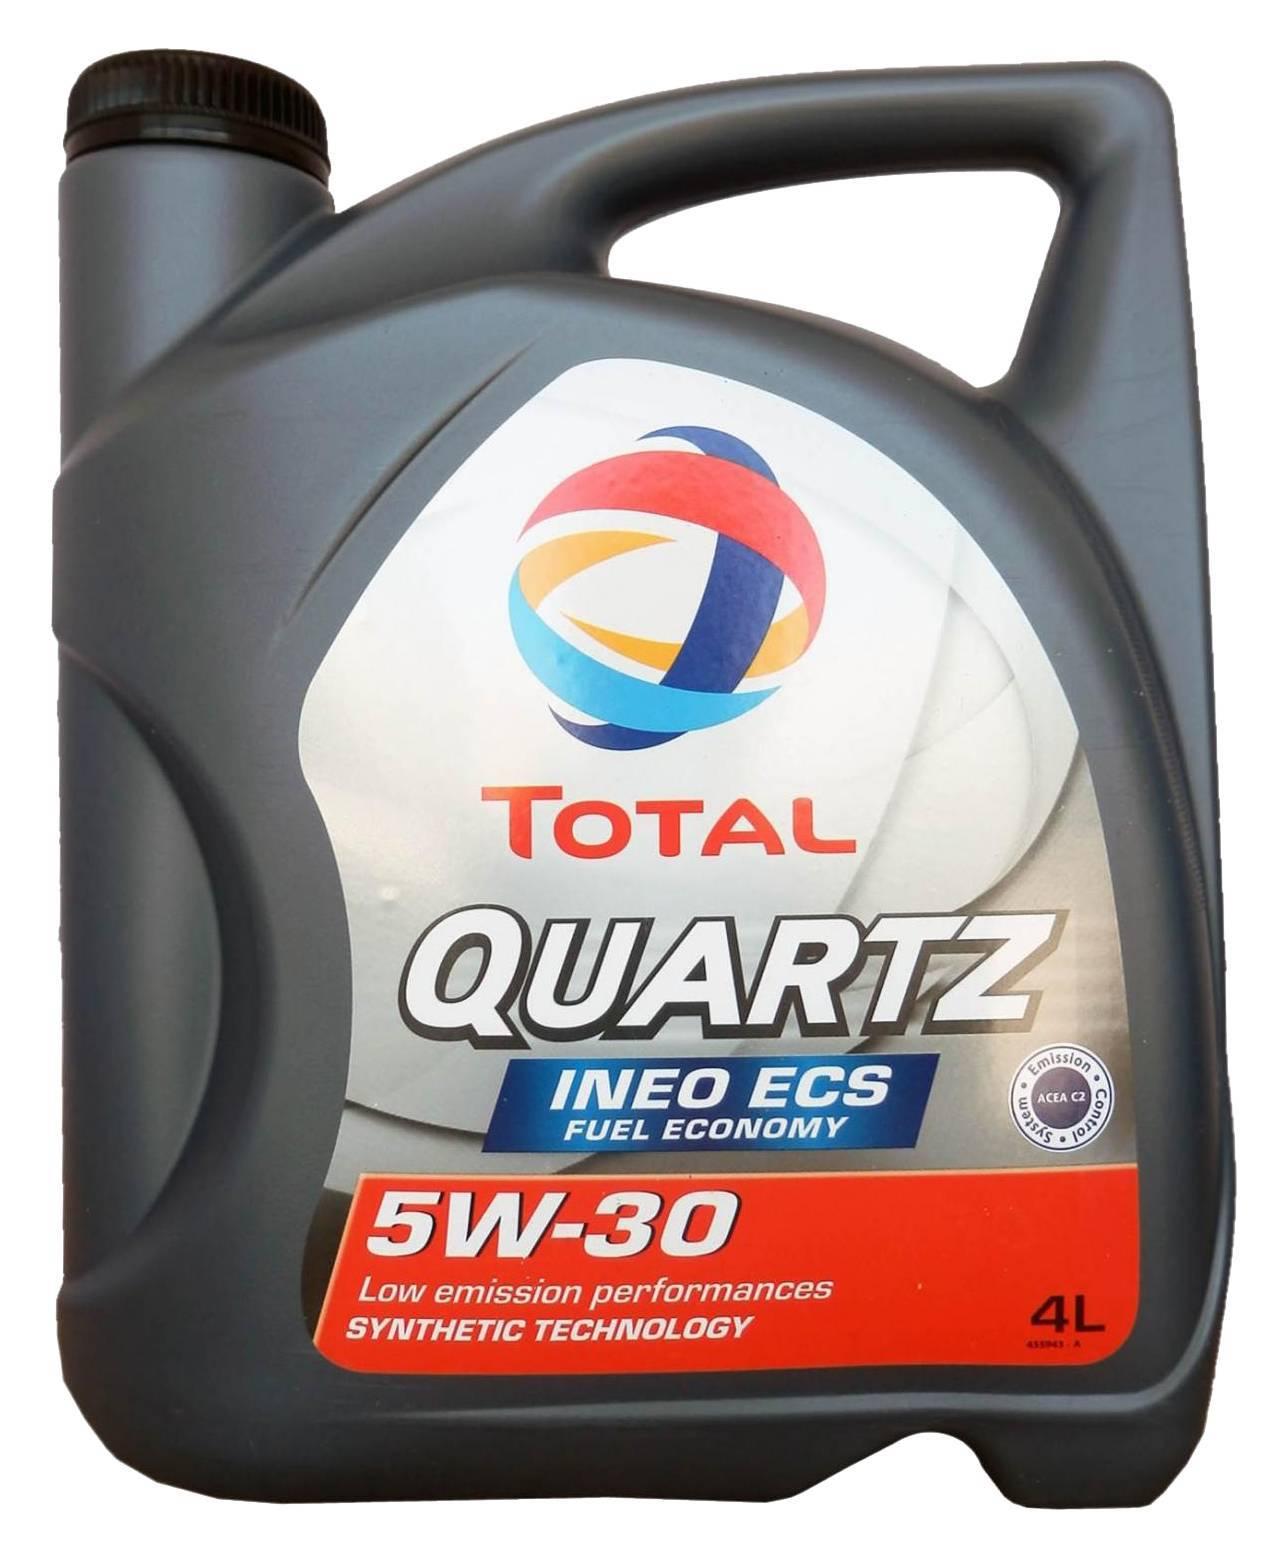 Купить масло total quartz ineo ecs 5w30 в краснодаре